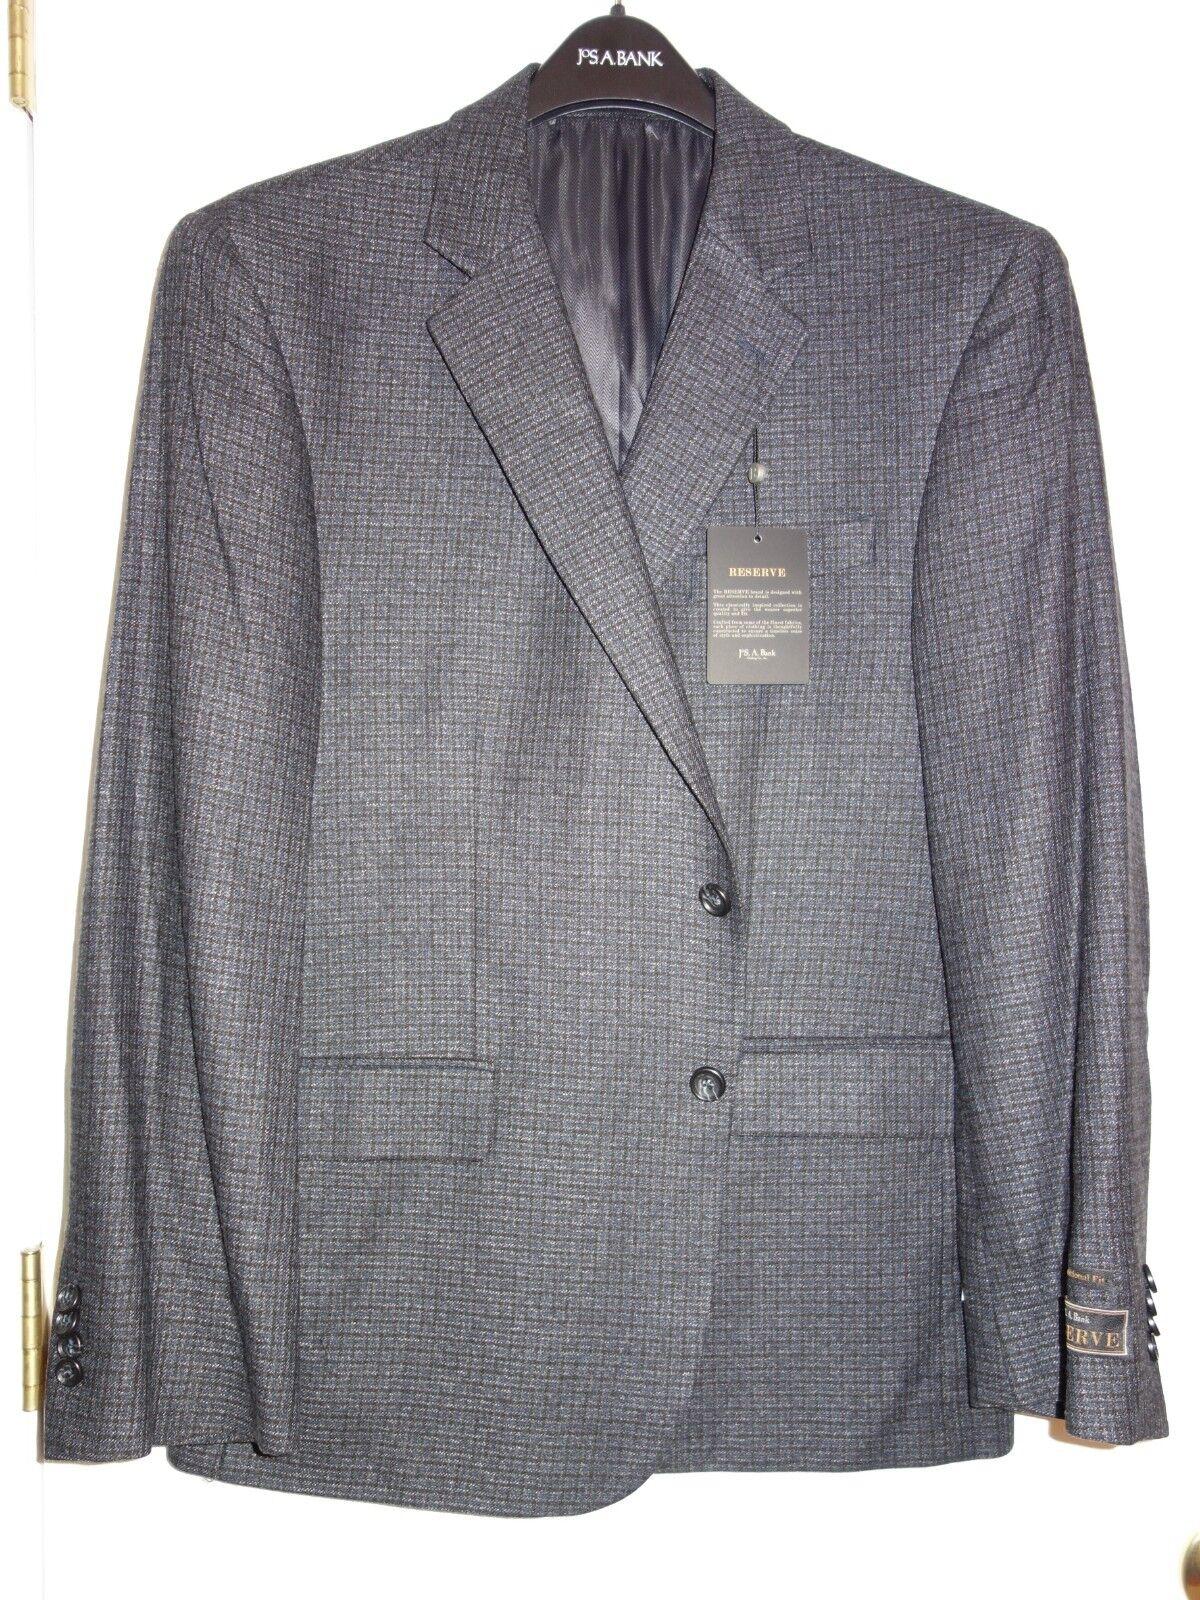 NEW Jos. A. Bank RESERVE Sport Coat  sz. 44 S